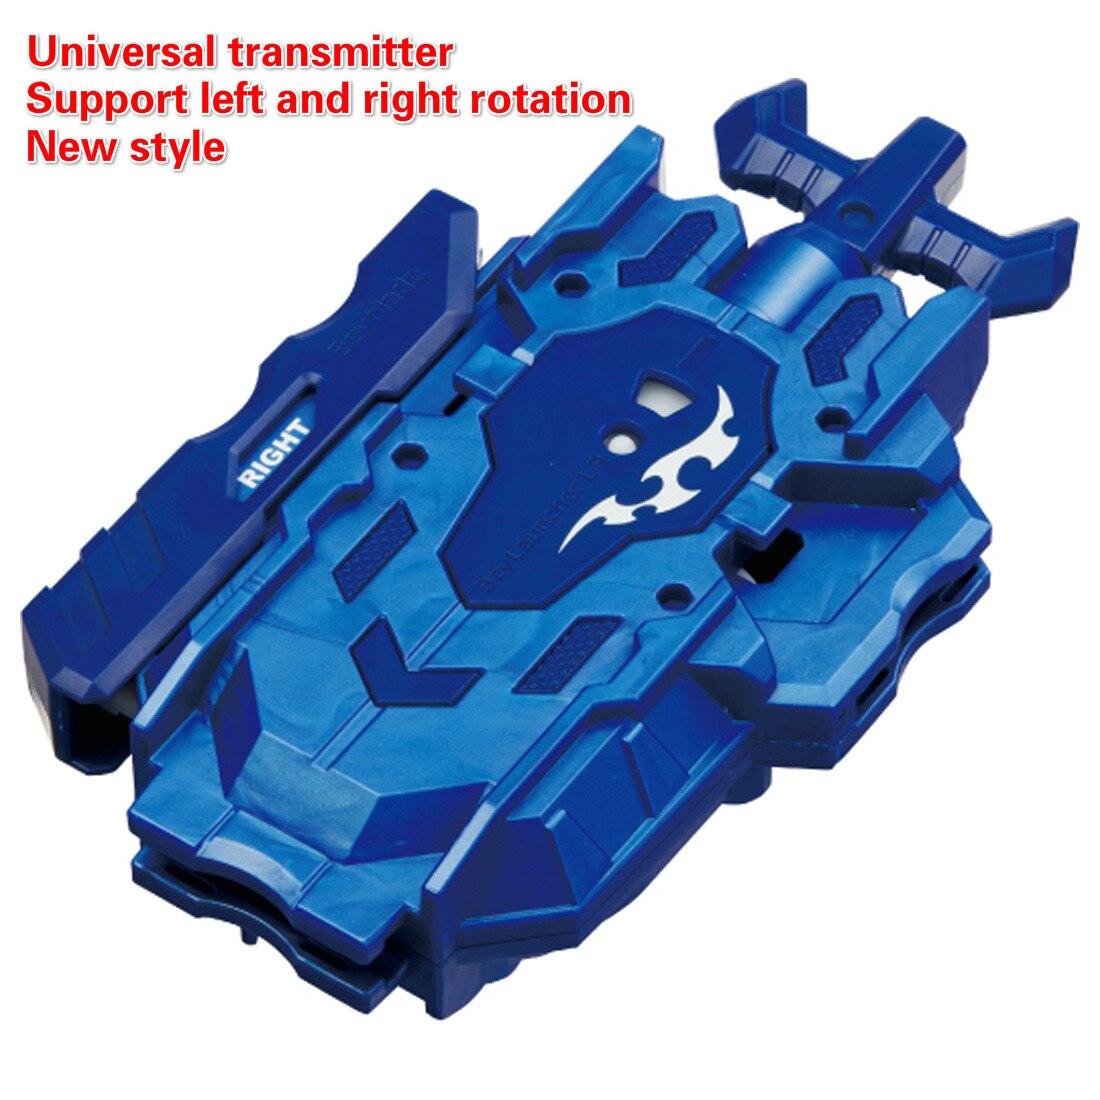 12 видов стилей металлическое средство для запуска Beyblade Burst игрушки Арена распродажа трещит гироскоп хобби классический спиннинг - Цвет: New Blue